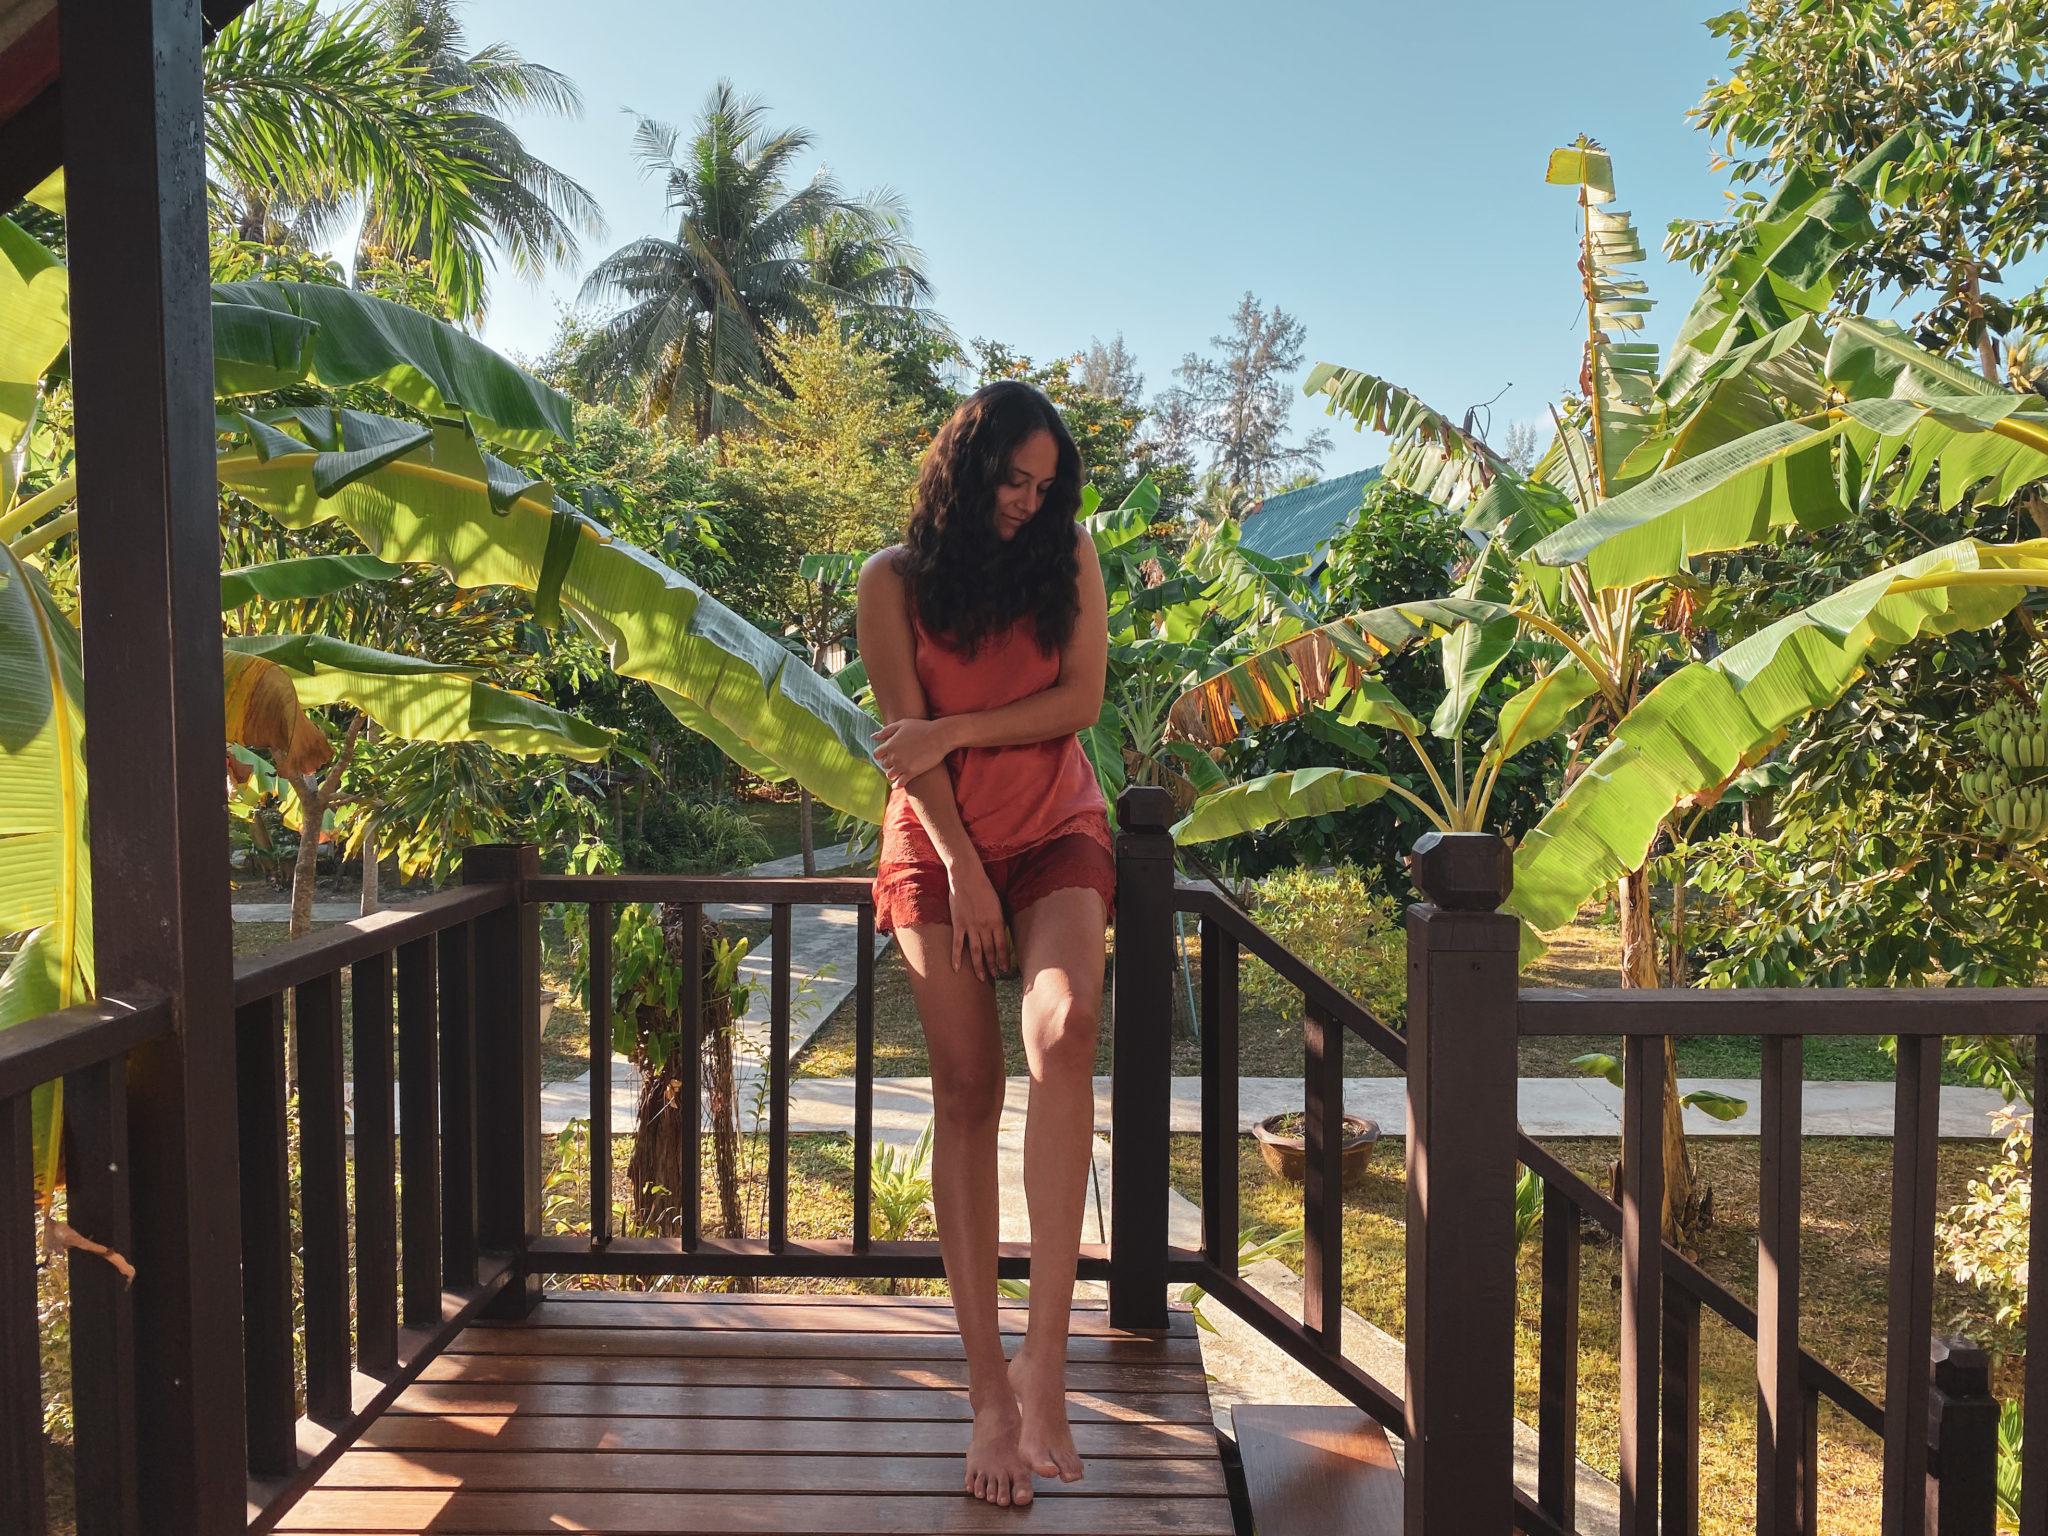 Почивка на остров Ко Ланта, Краби, Тайланд - плажове на Ко Ланта, Краби, залези, океан море в Тайланд, пътуване през януари до Тайланд, хотели в Ко Ланта